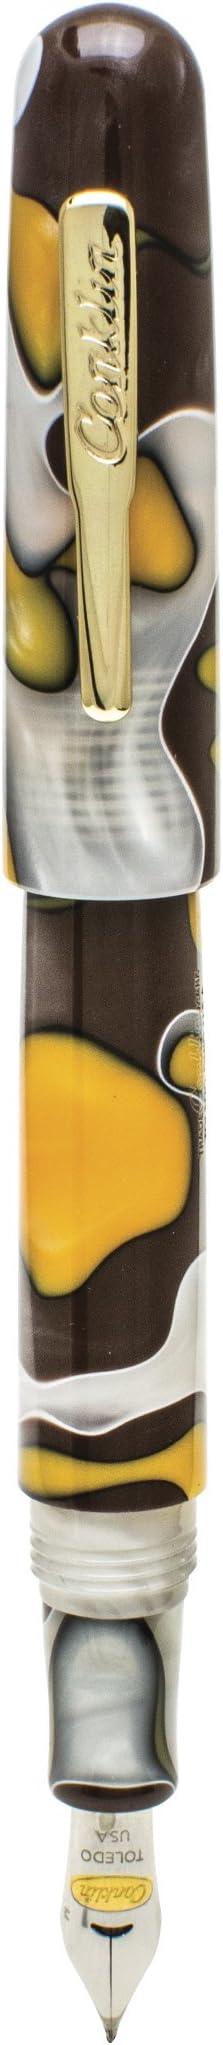 Fine Nib Yellowstone CK71401 Conklin All American Fountain Pen